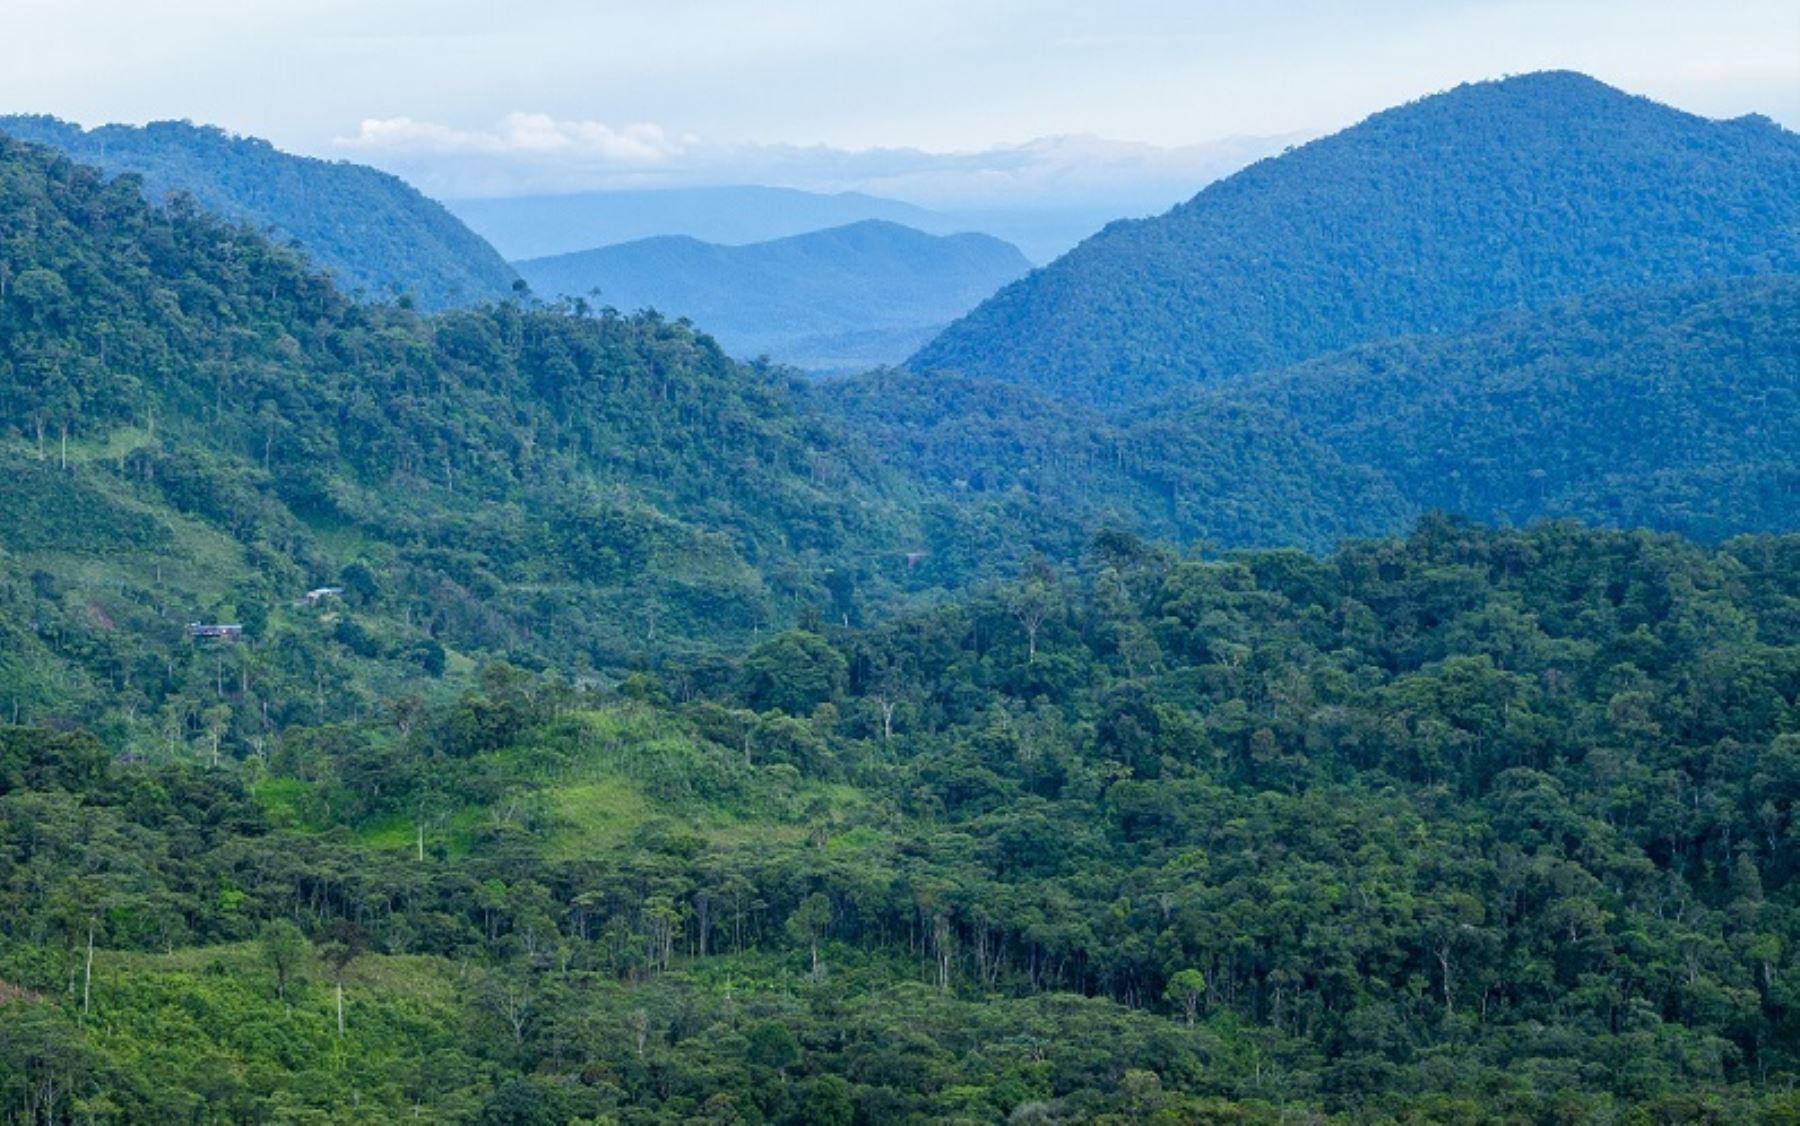 El Bosque de Protección Alto Mayo comprende los territorios de las provincias de Rioja y Moyobamba en el departamento de San Martín. Su extensión es de 182,000 hectáreas.